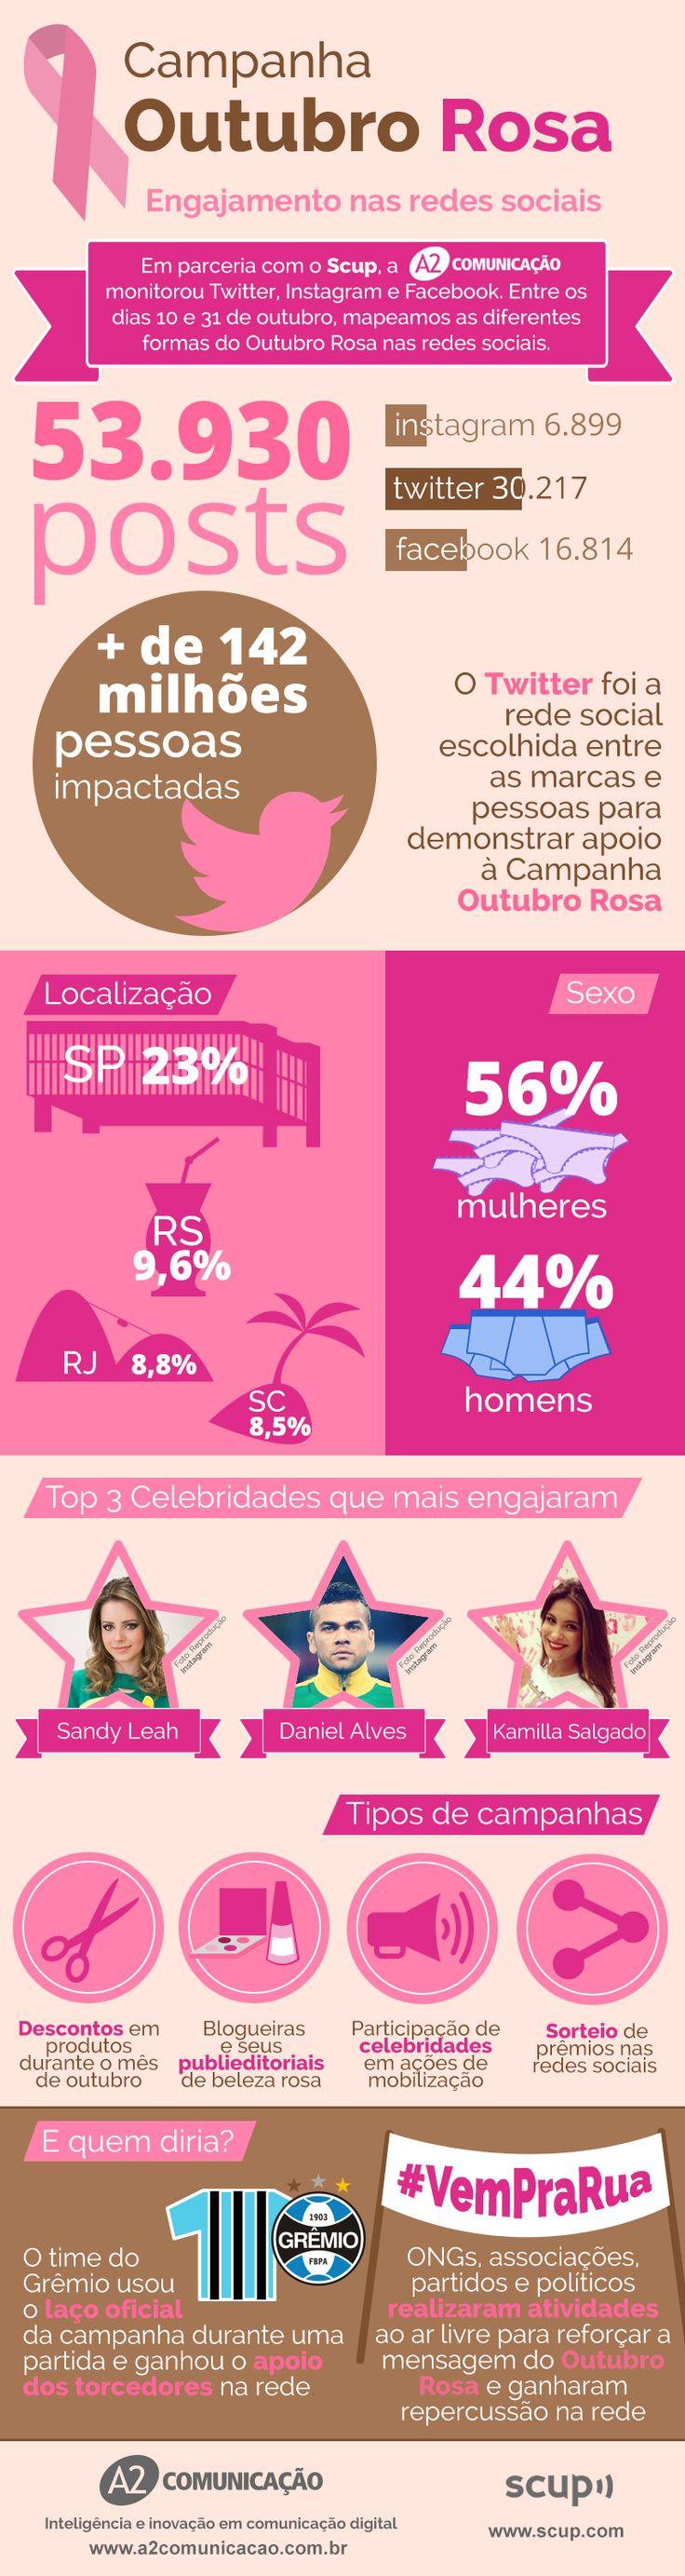 Estudo da A2 mostra como o Outubro Rosa mudou a rotina das redes sociais - A2 Comunicação